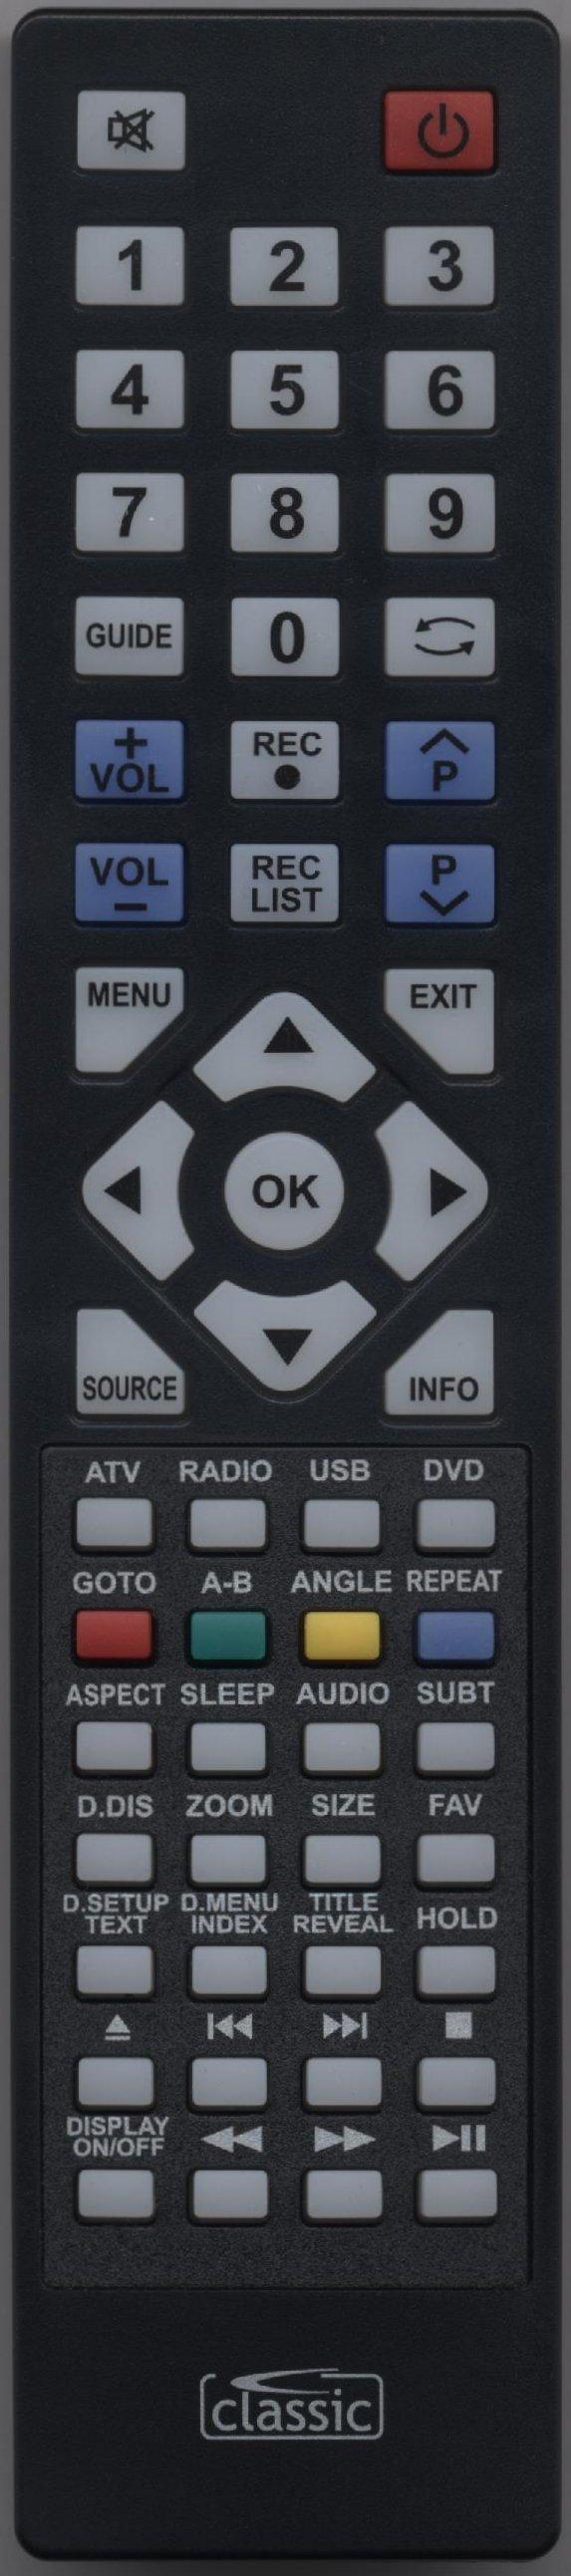 BLAUPUNKT 40/48G-GB-3B-FTCDUP-UK Remote Control